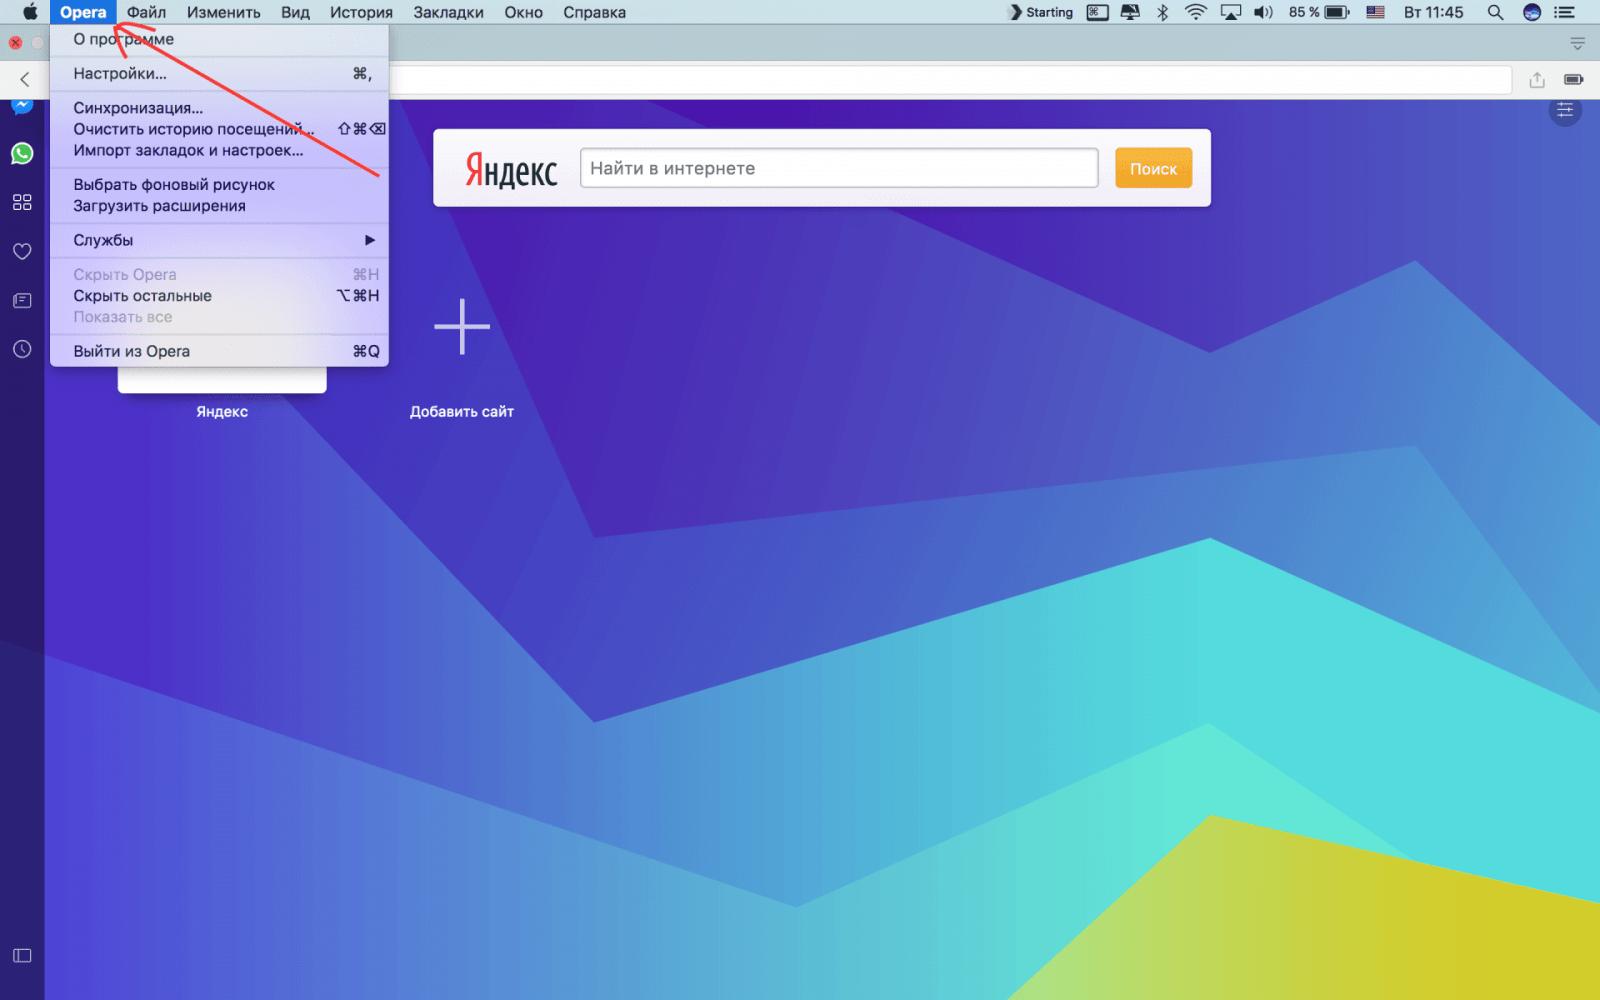 Вкладка «Меню» в браузере «Опера»